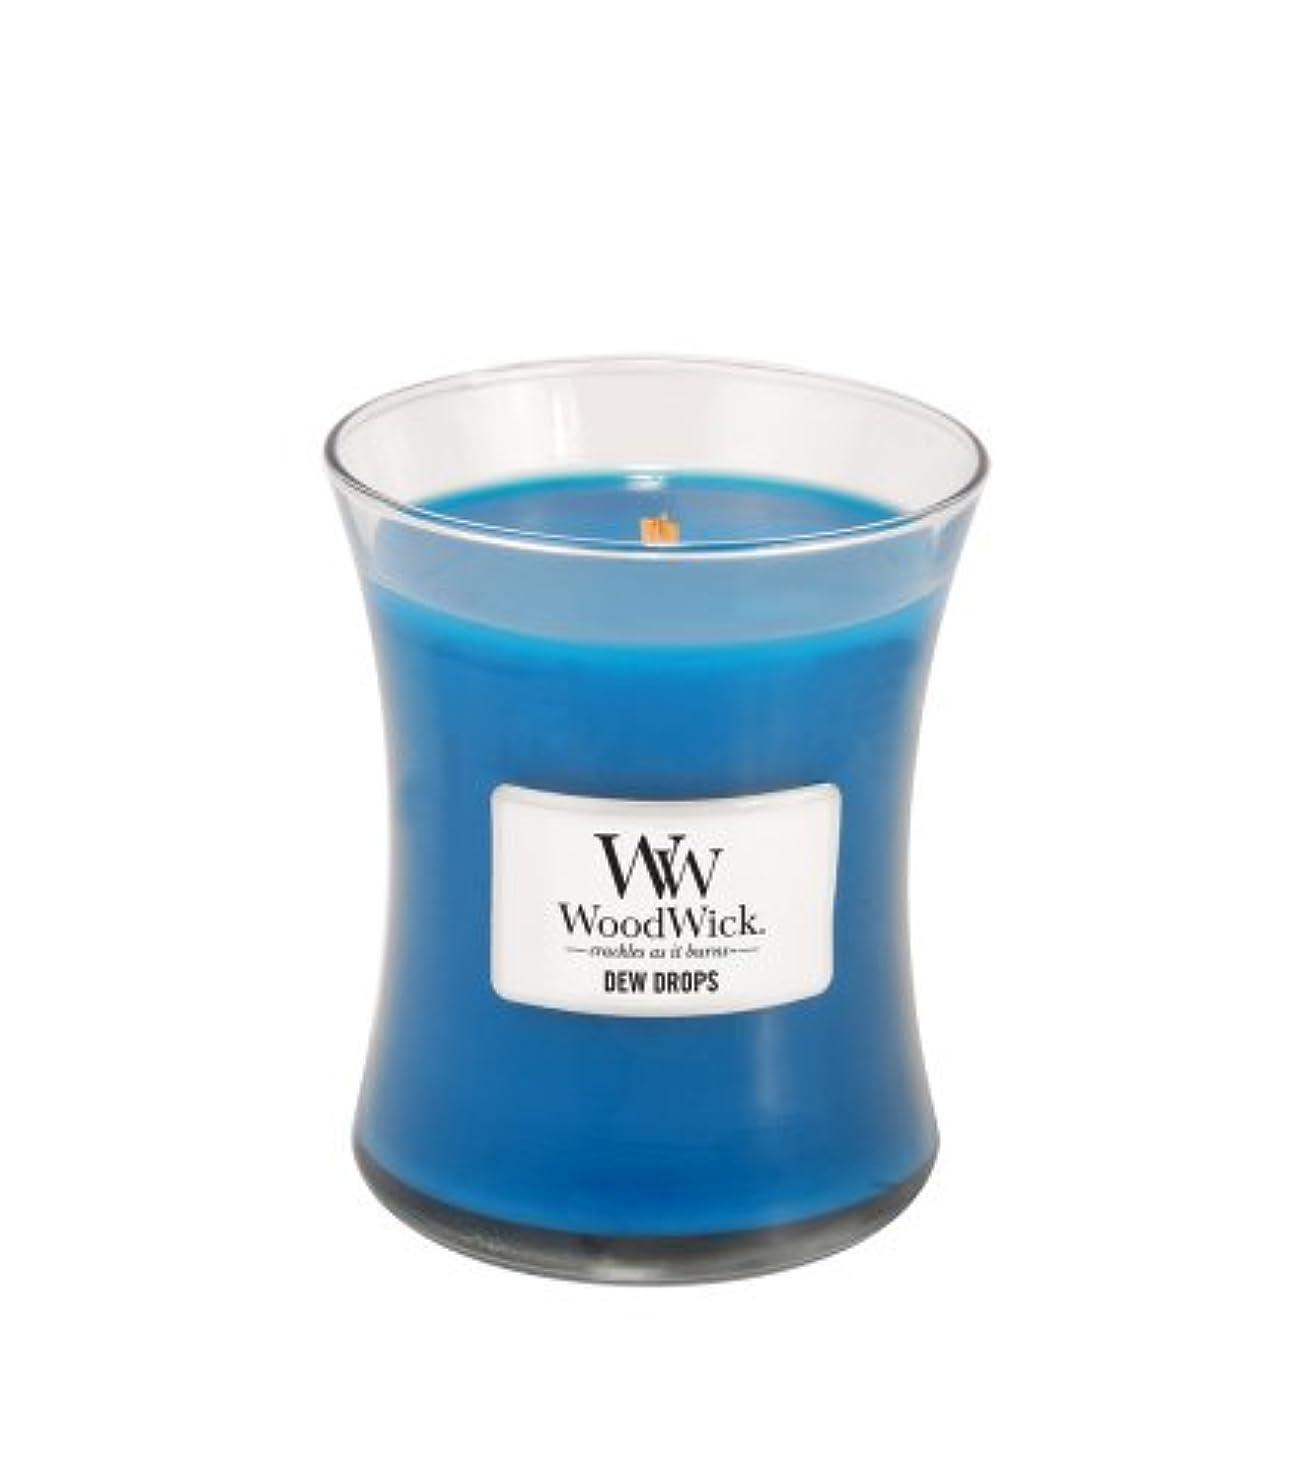 取り組む窓タック(Medium) - WoodWick Dew Drops Fragrance Jar Candle, Medium